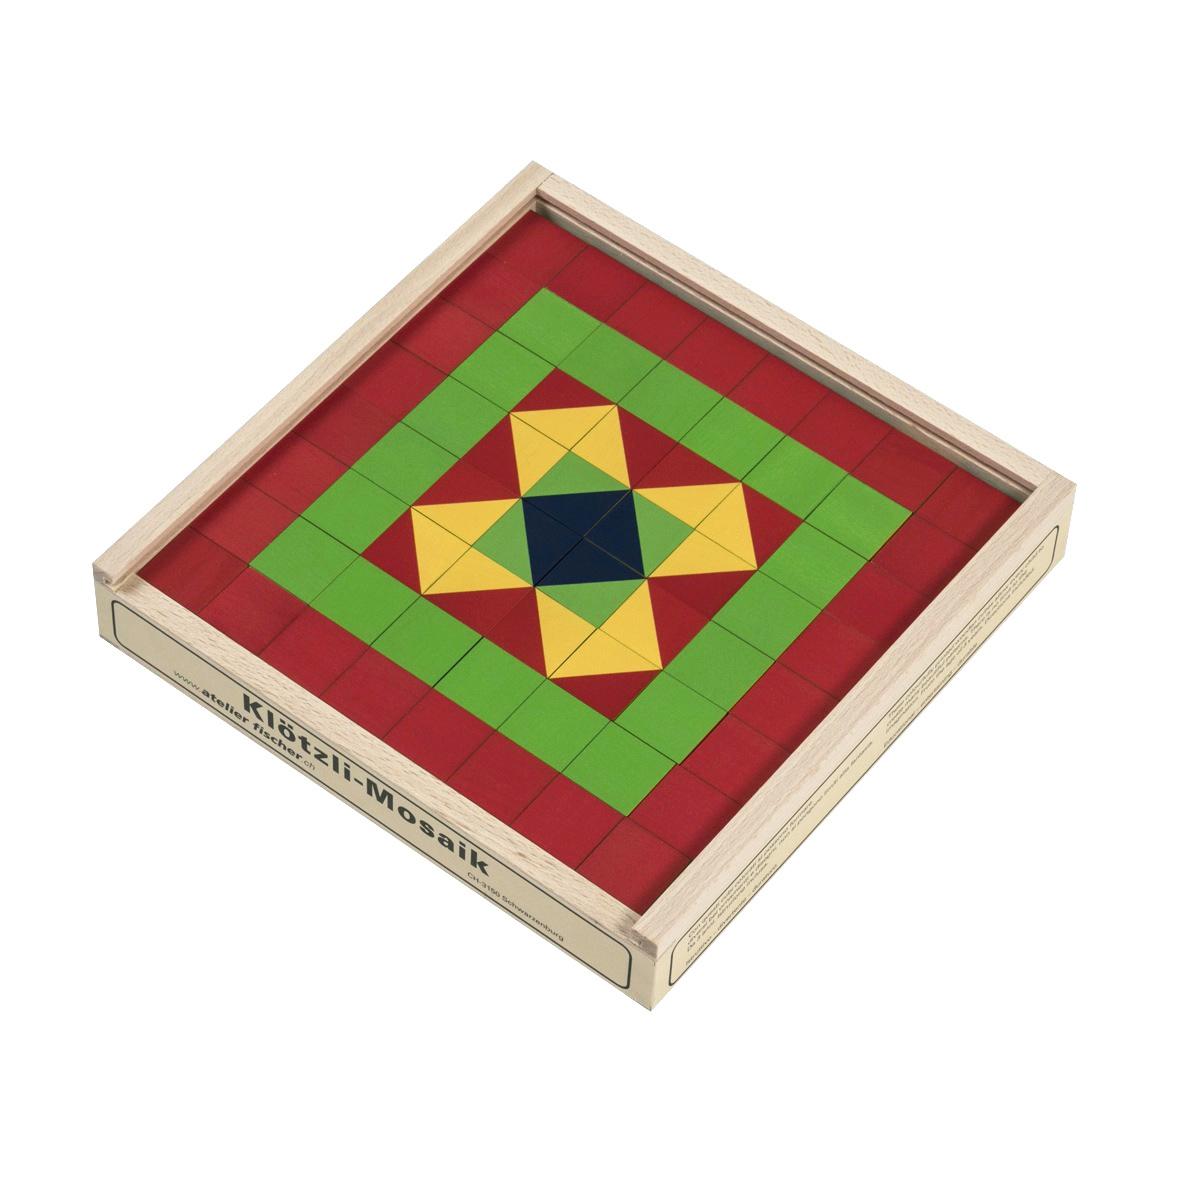 キュービックパズル カラーモザイク 64ピース